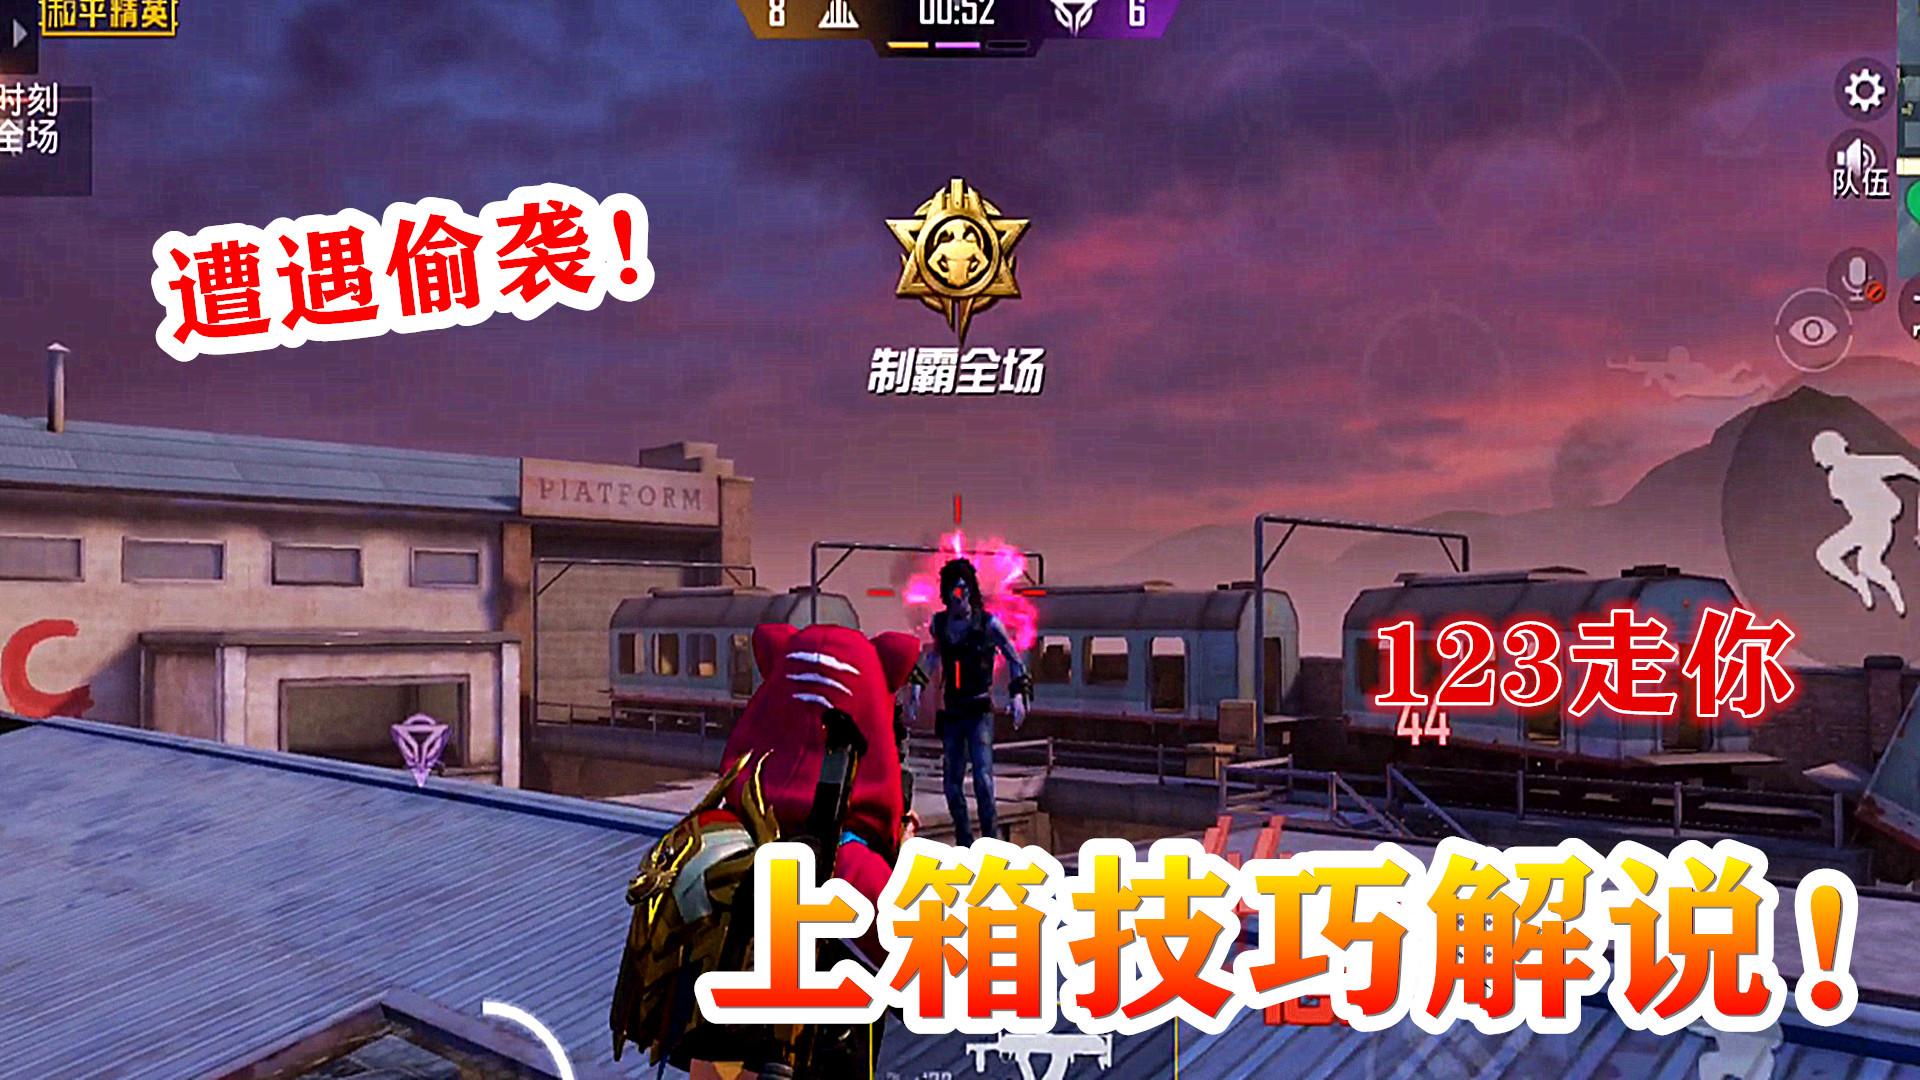 和平精英:突变团竞模式,上箱技巧解说,惨遭敌人后背偷袭!